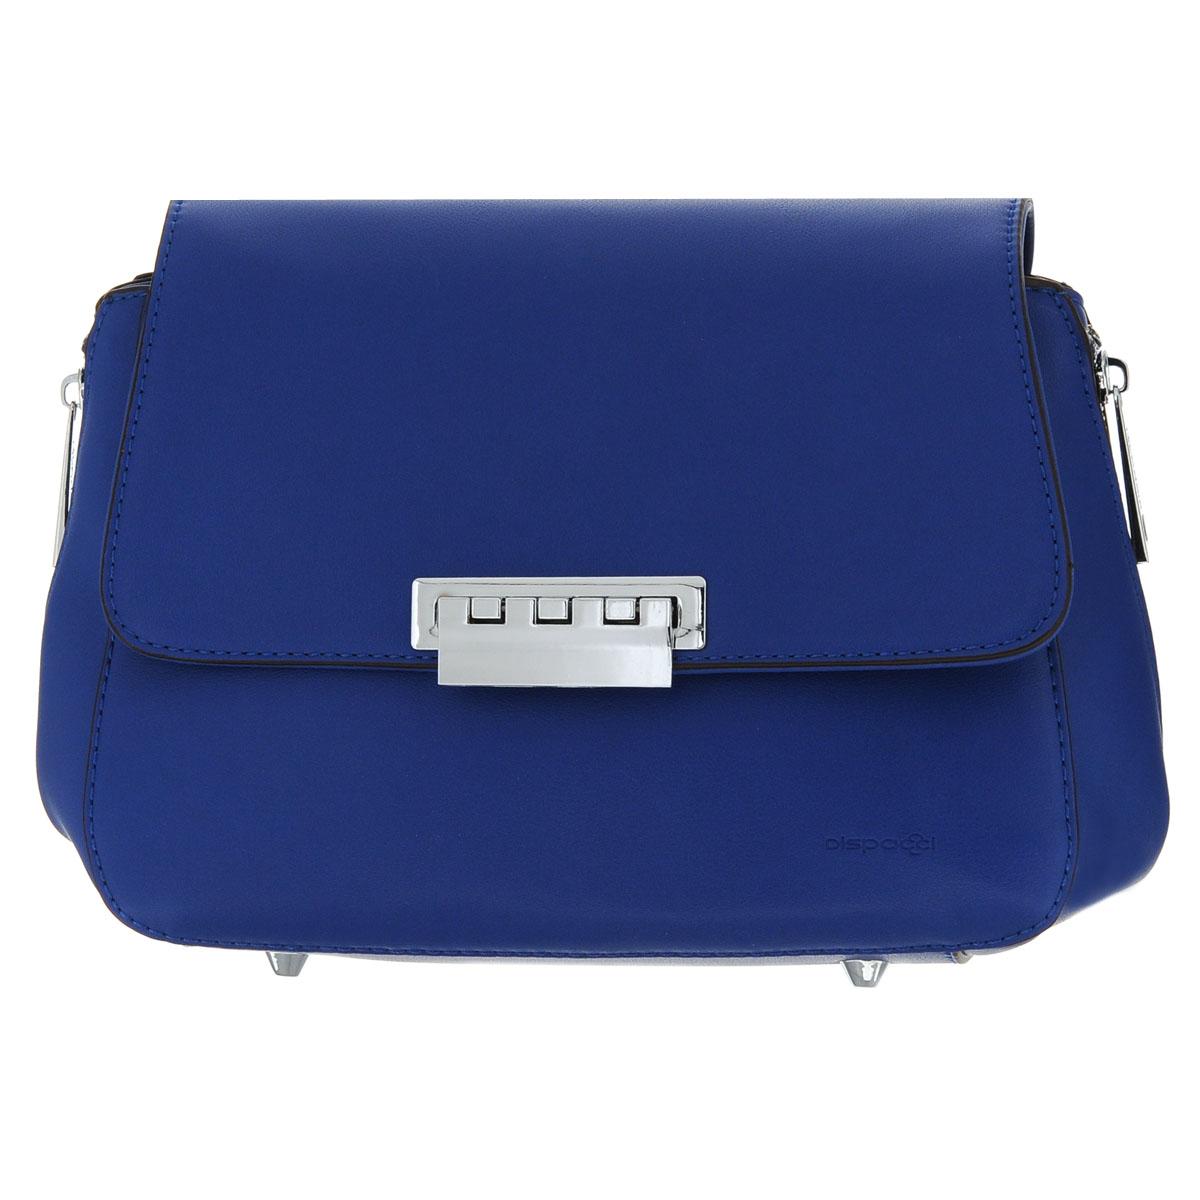 Сумка женская Dispacci, цвет: синий. 91851L39845800Женская сумка Dispacci трапециевидной формы выполнена из экокожи. Сумка закрывается на застежку-молнию, а сверху клапаном на металлический замок. Сумка содержит одно отделение, внутри которого имеются два накладных кармашка для мелочей и мобильного телефона, врезной карман на застежке-молнии и дополнительный кармашек на застежке-молнии, образующий еще один открытый карман.Сумка оснащена съемным плечевым регулируемым ремнем. Дно сумки оснащено четырьмя небольшими металлическими ножками. По бокам сумка дополнена функциональными застежкамми-молниями. Фурнитура - серебристого цвета. Стильная женская сумка добавит вам очарования и сделает образ модным и актуальным. Кроме того, такая сумка очень функциональна и вместительна.